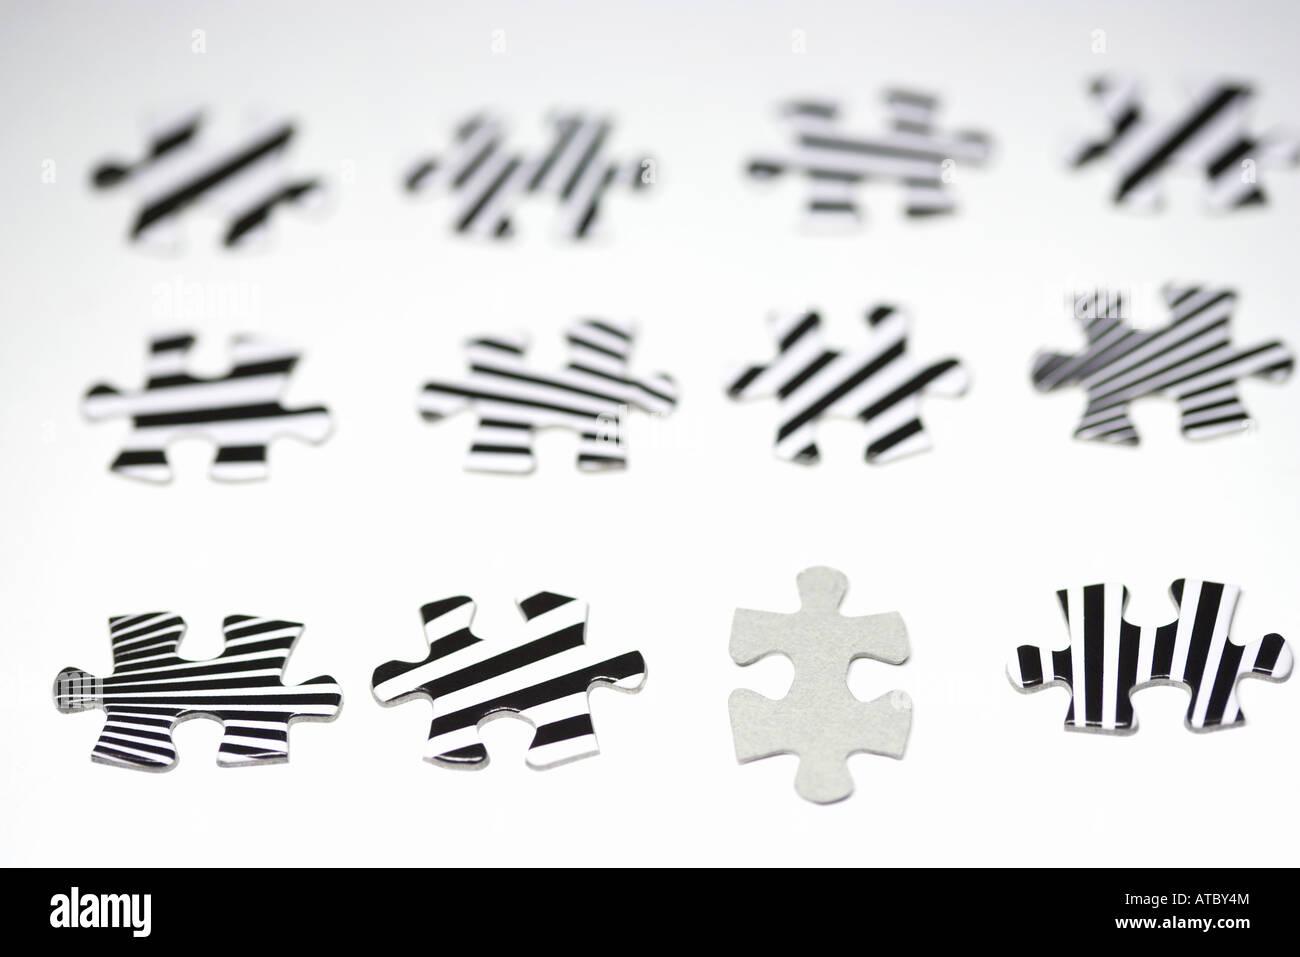 Puzzleteile aufgereiht, ein Leerzeichen, die anderen gestreift, close-up Stockbild